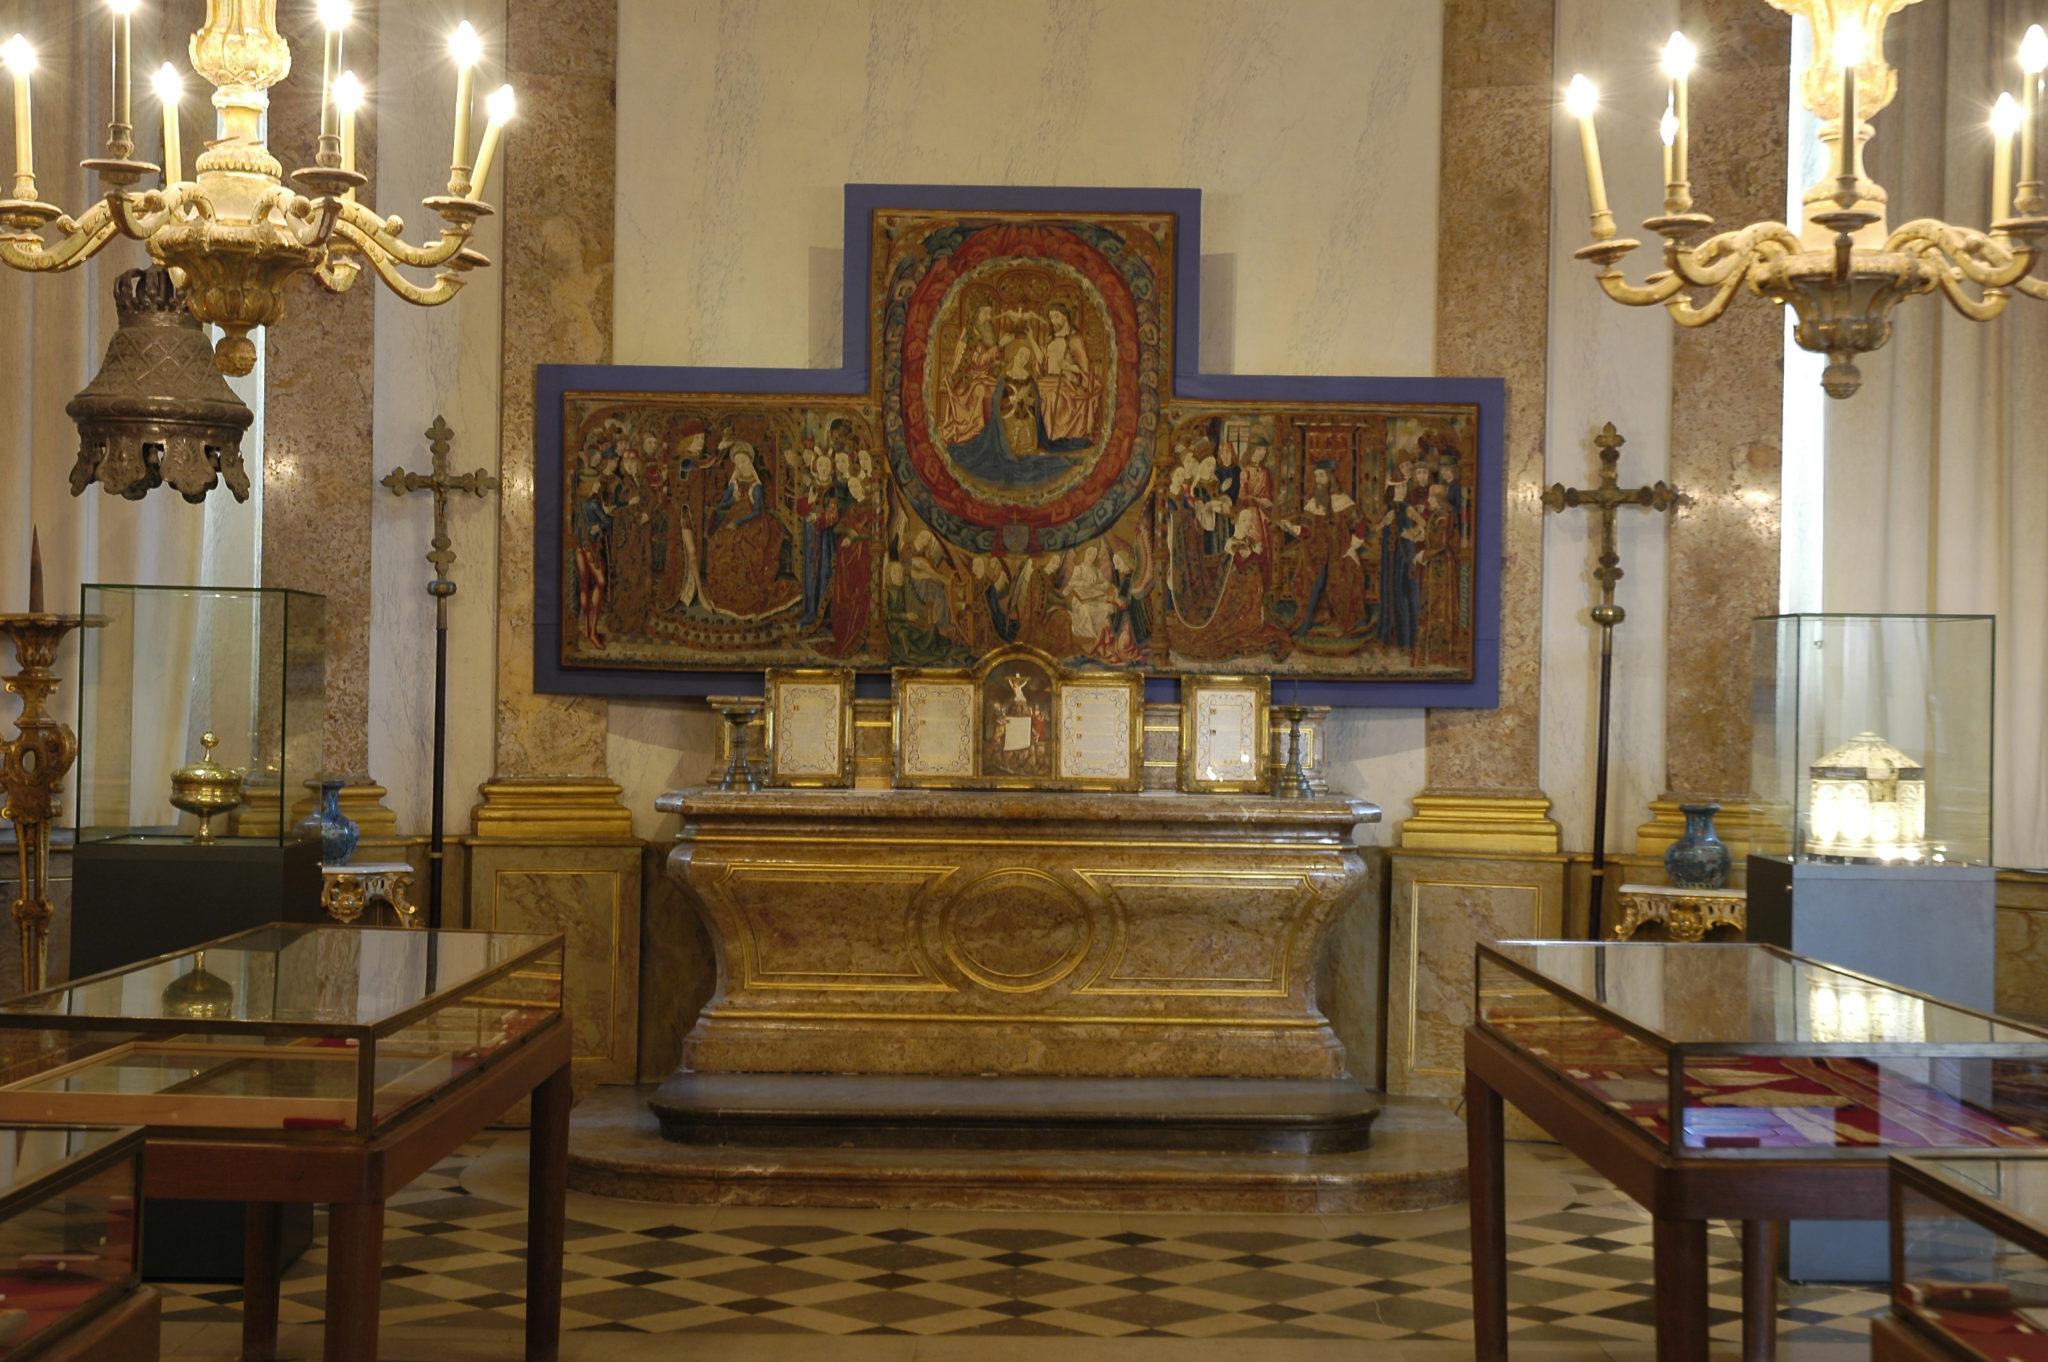 Trésor de la Cathédrale de Sens - Cl. Musées de Sens - E. Berry